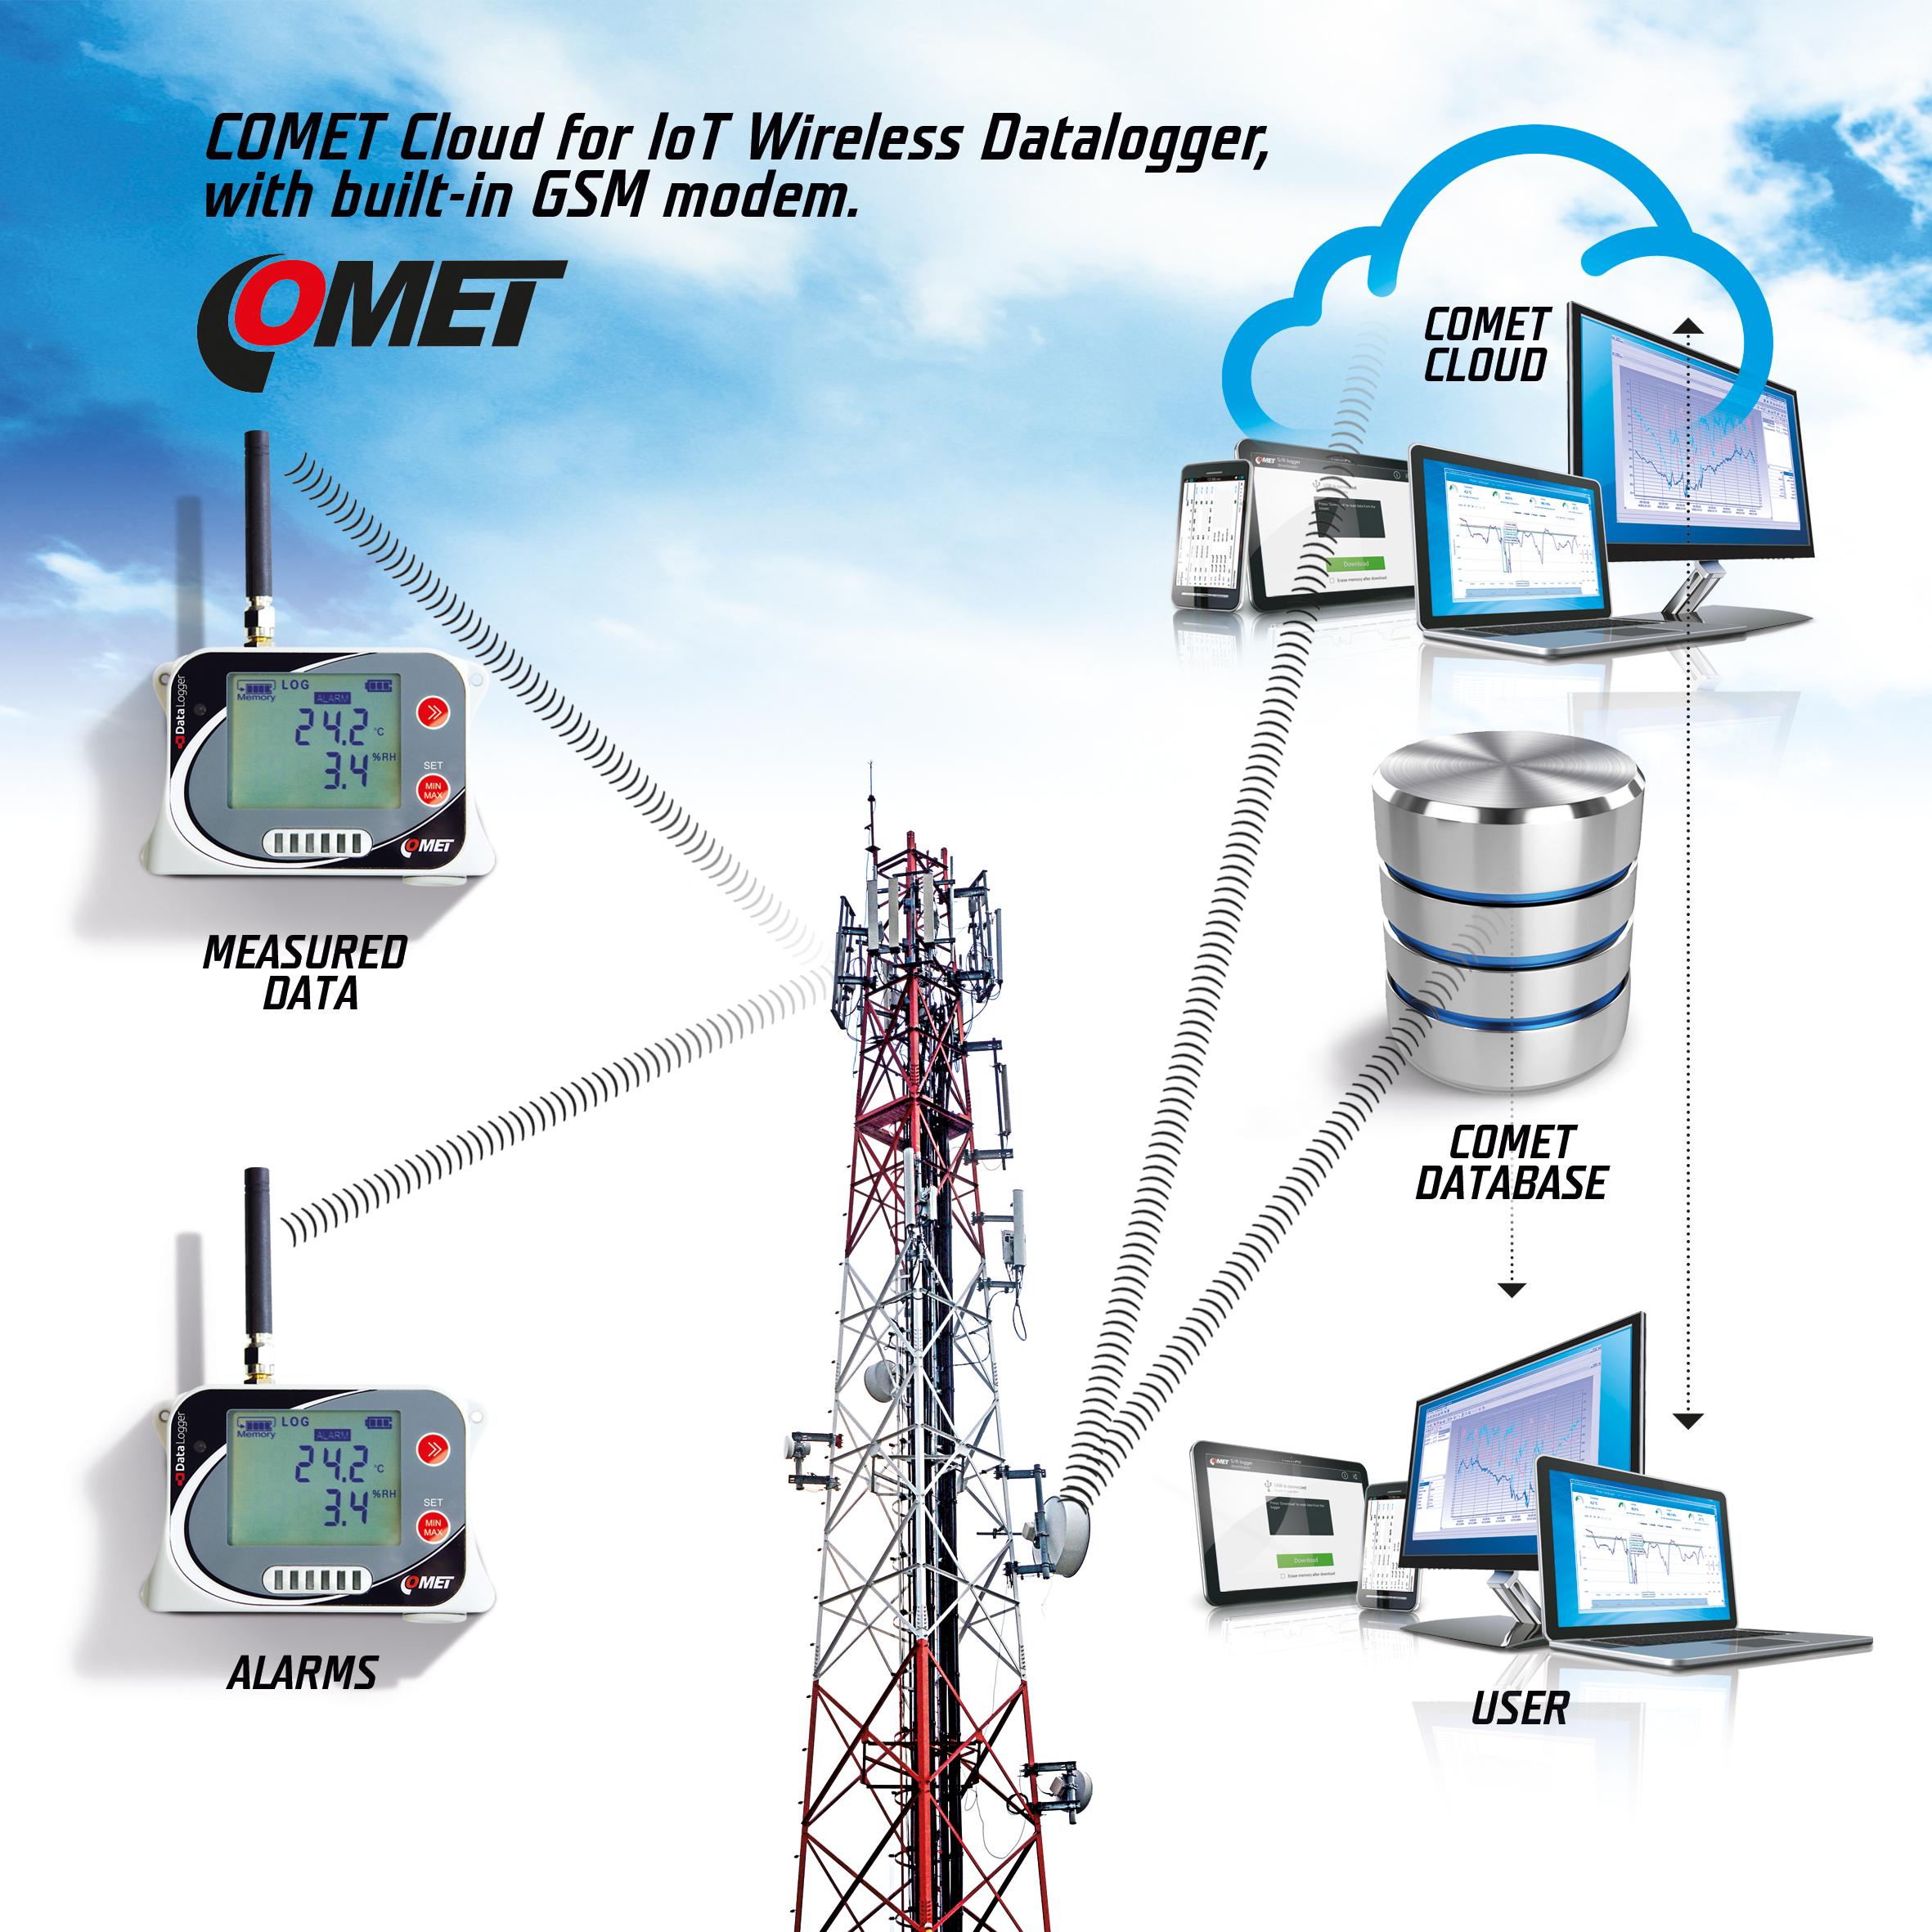 COMET 雲和記錄器